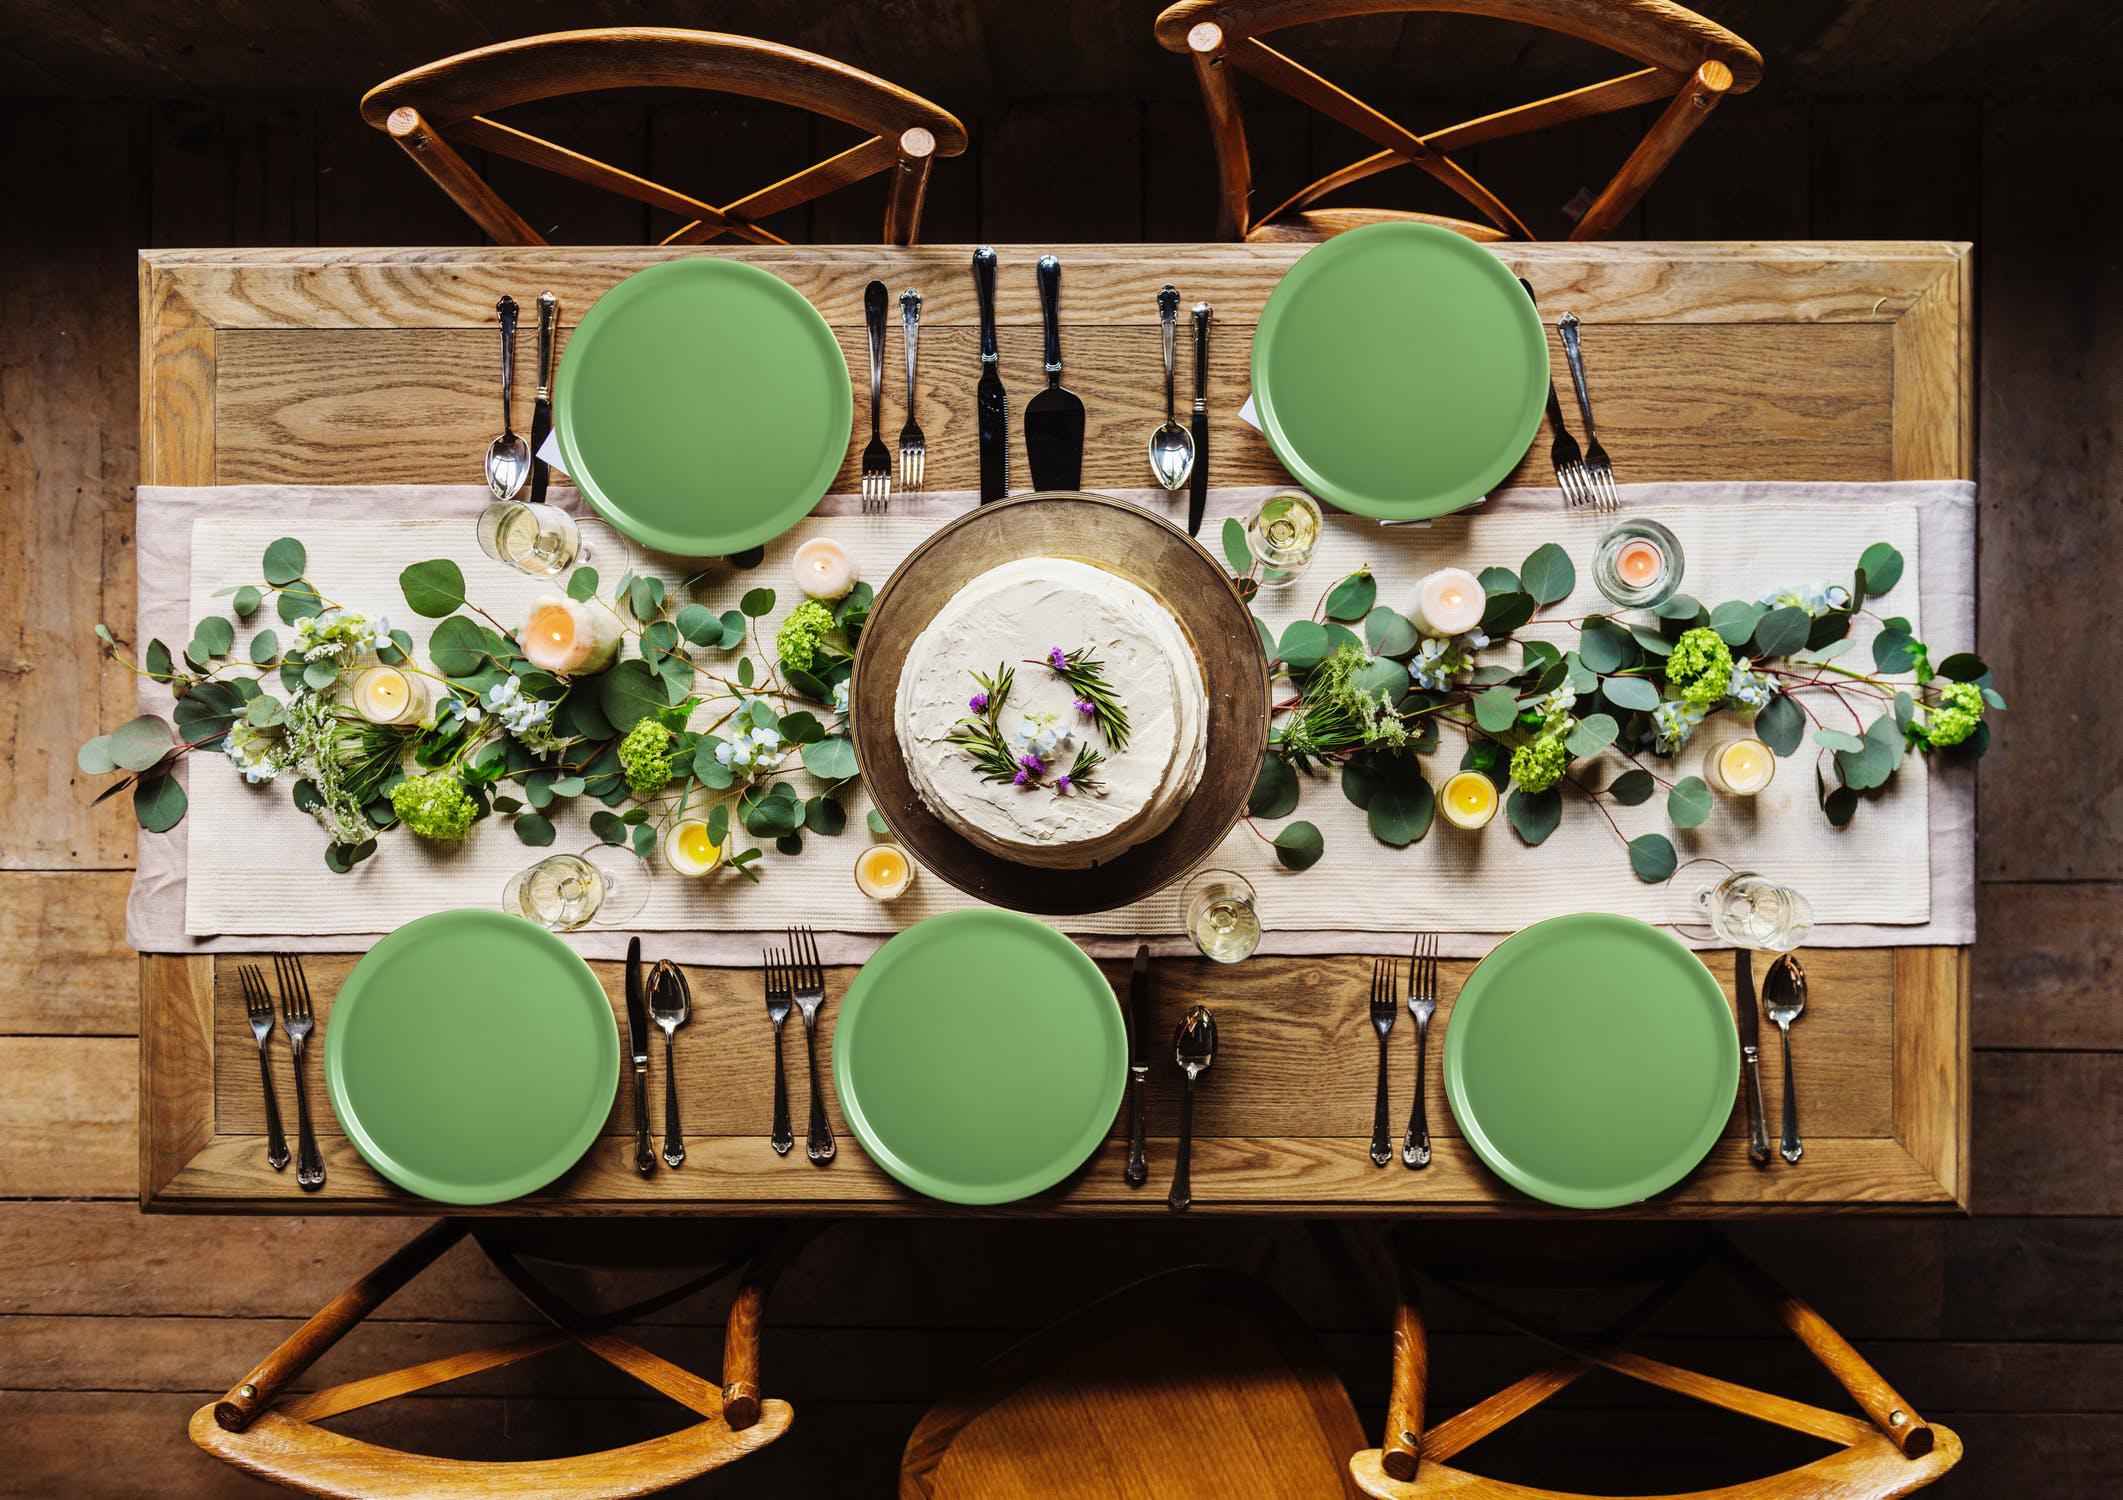 tavola in verde giardino